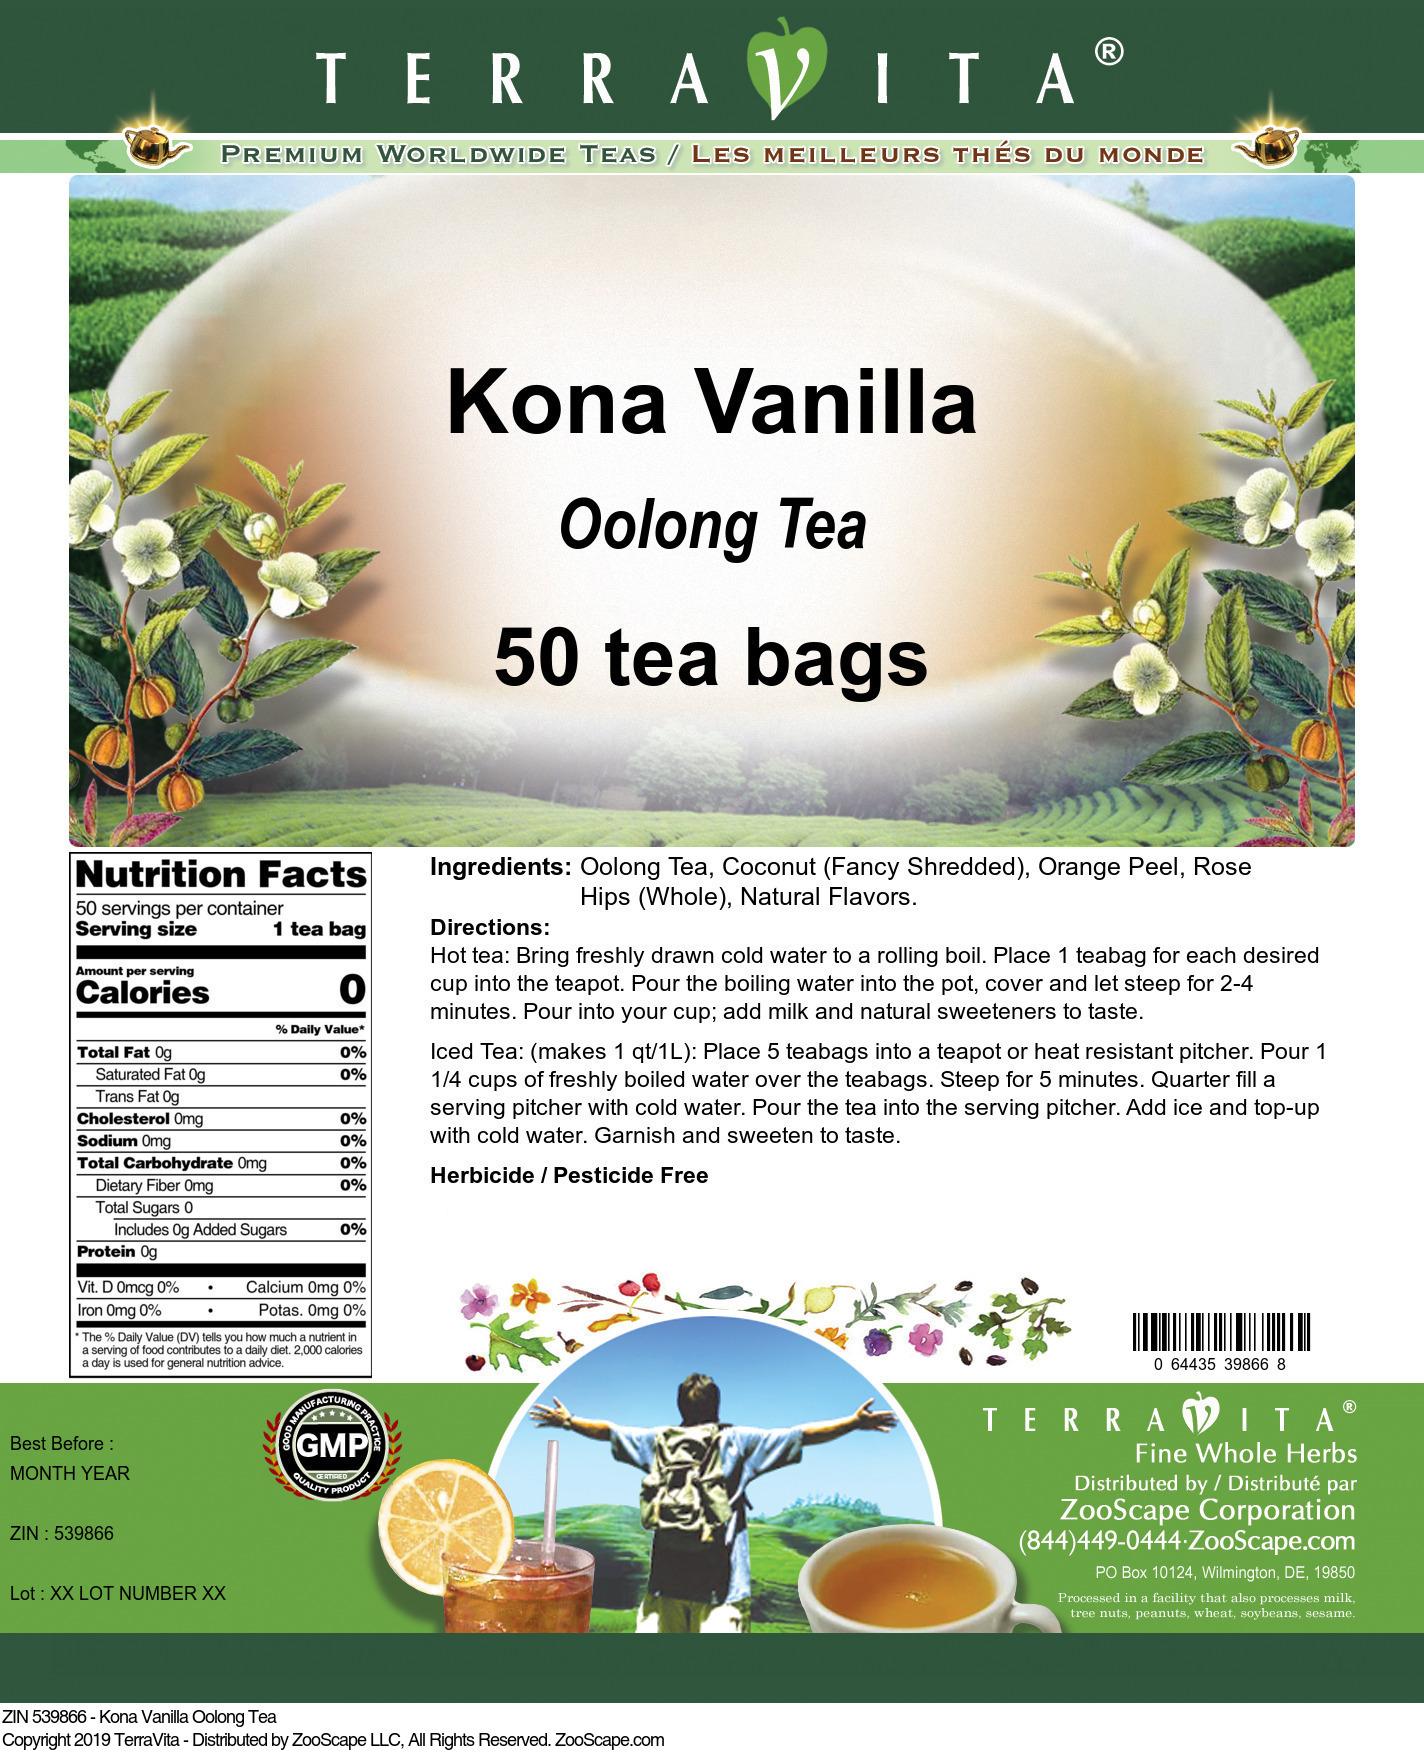 Kona Vanilla Oolong Tea